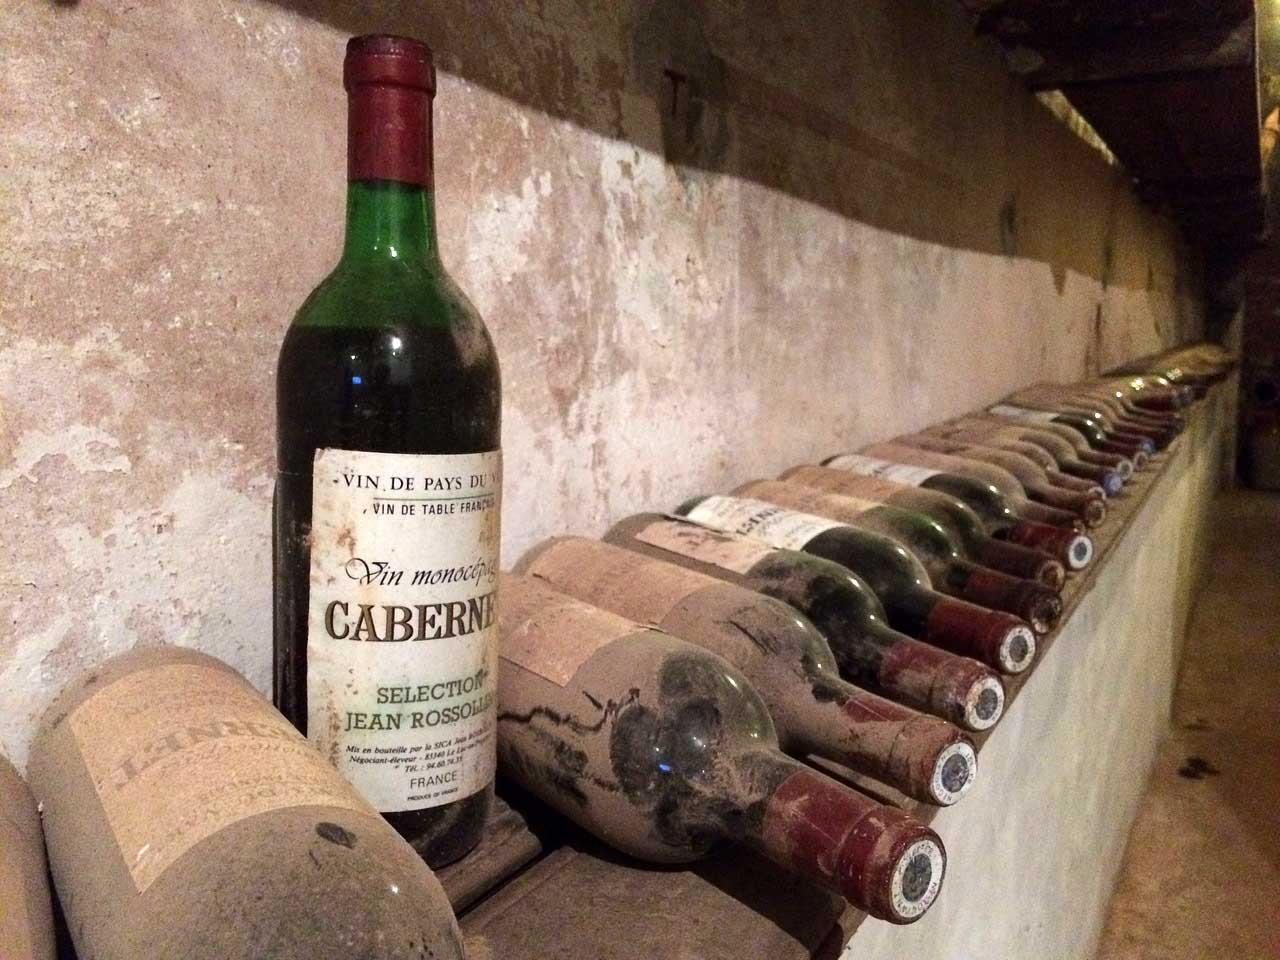 Das große Glück finden - Kurioses zum Thema reich werden Weinflasche-pixabay